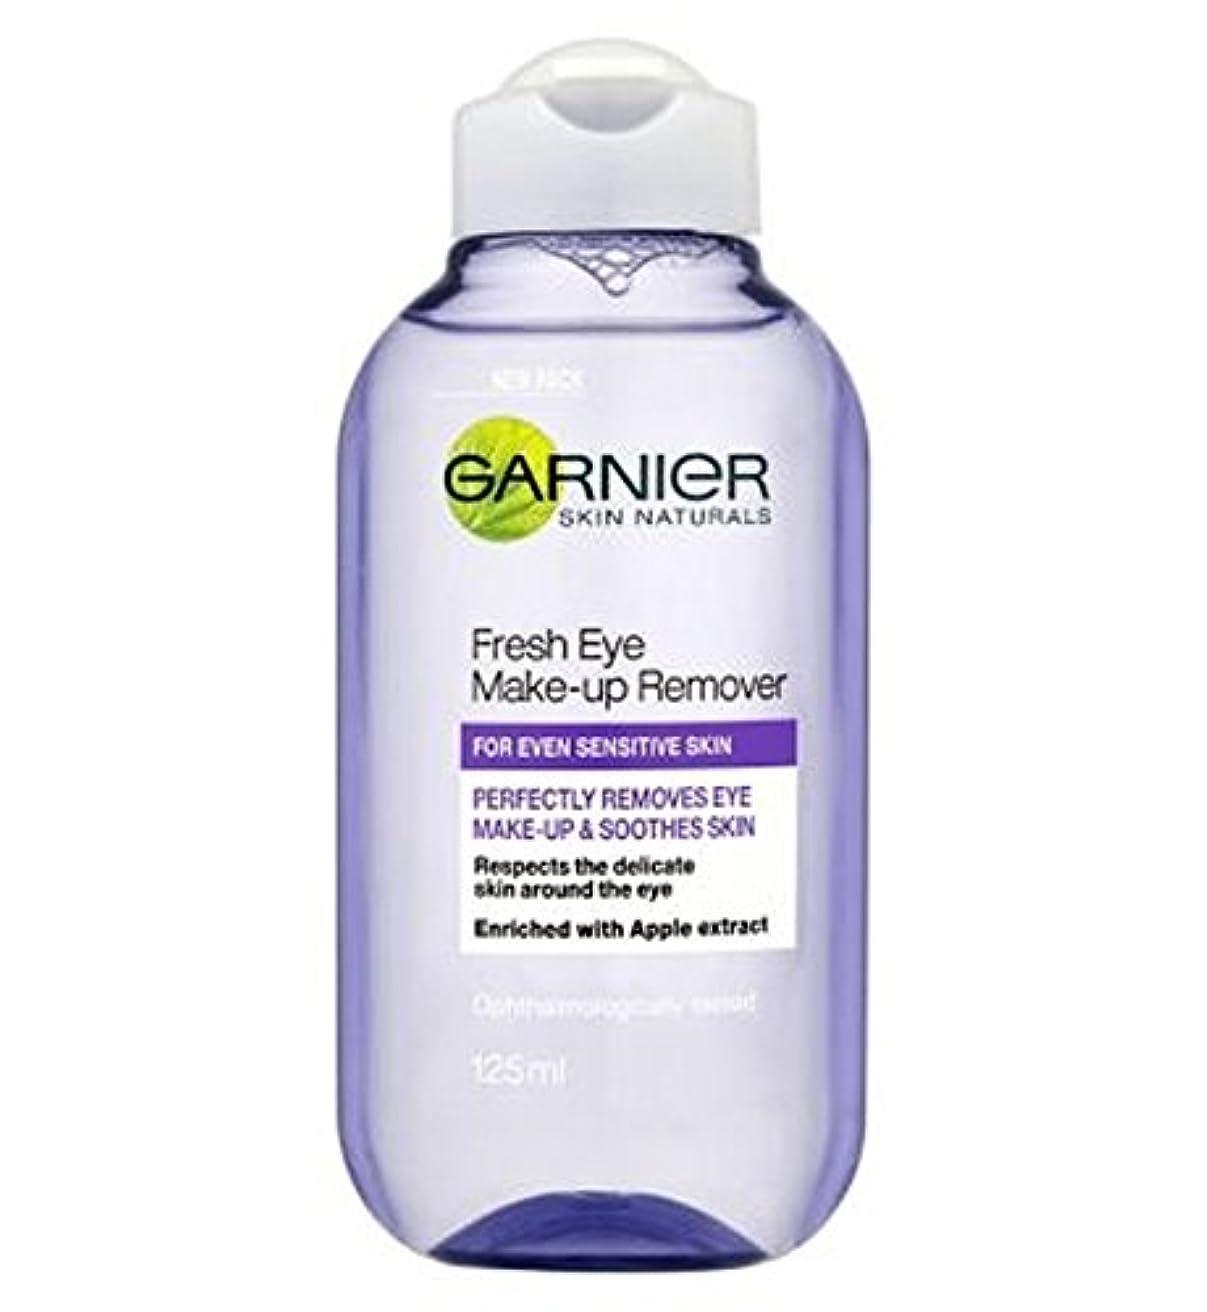 巨人合唱団部分的にガルニエ新鮮な目作るリムーバー125ミリリットル (Garnier) (x2) - Garnier Fresh Eye Make Up Remover 125ml (Pack of 2) [並行輸入品]